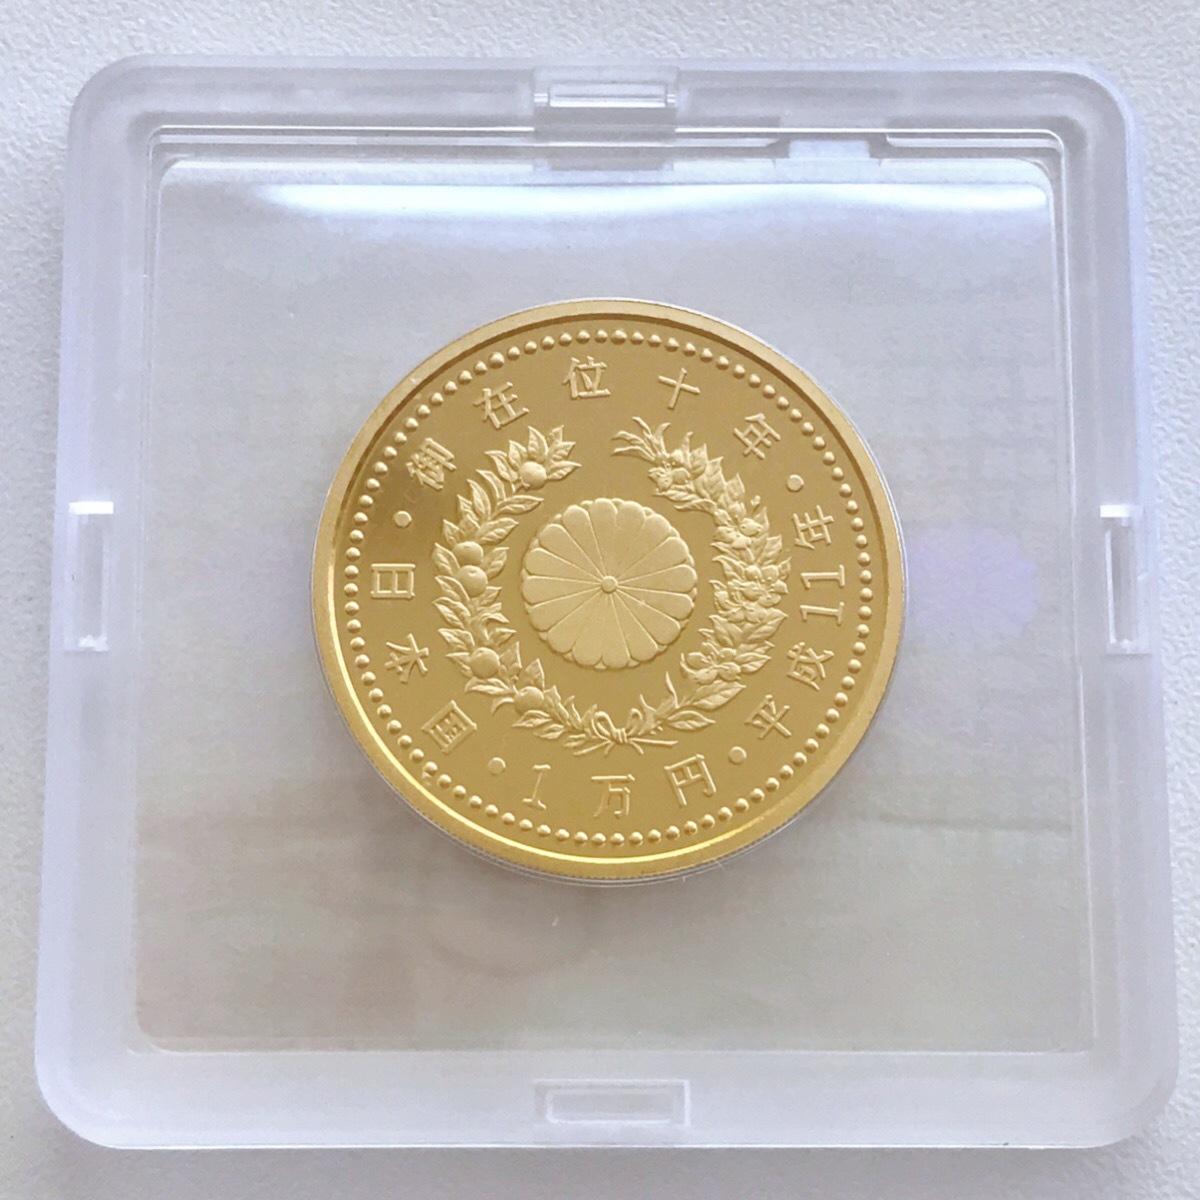 天皇陛下御在位10年記念 ◆ 1万円金貨 500円白銅貨 ◆ プルーフ 貨幣セット ◆ 平成11年 箱・ケース付き K24 純金 _画像5